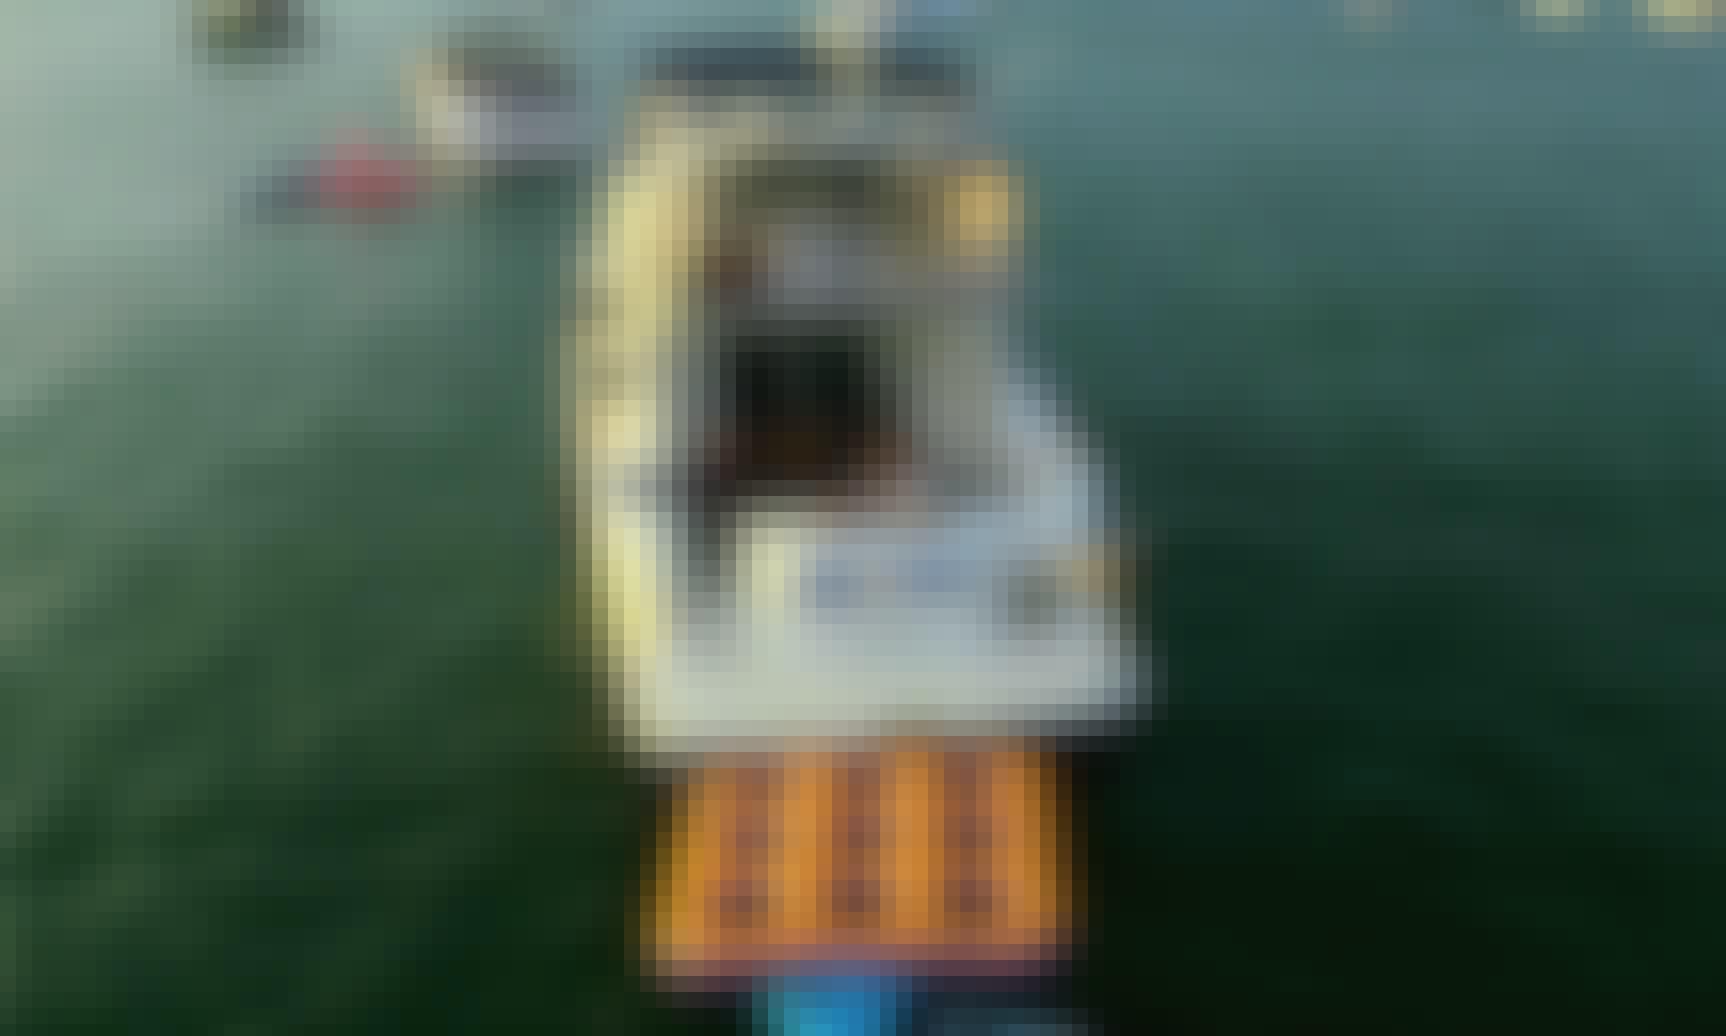 Renta Nuestro Barco Mas Popular en Miami!